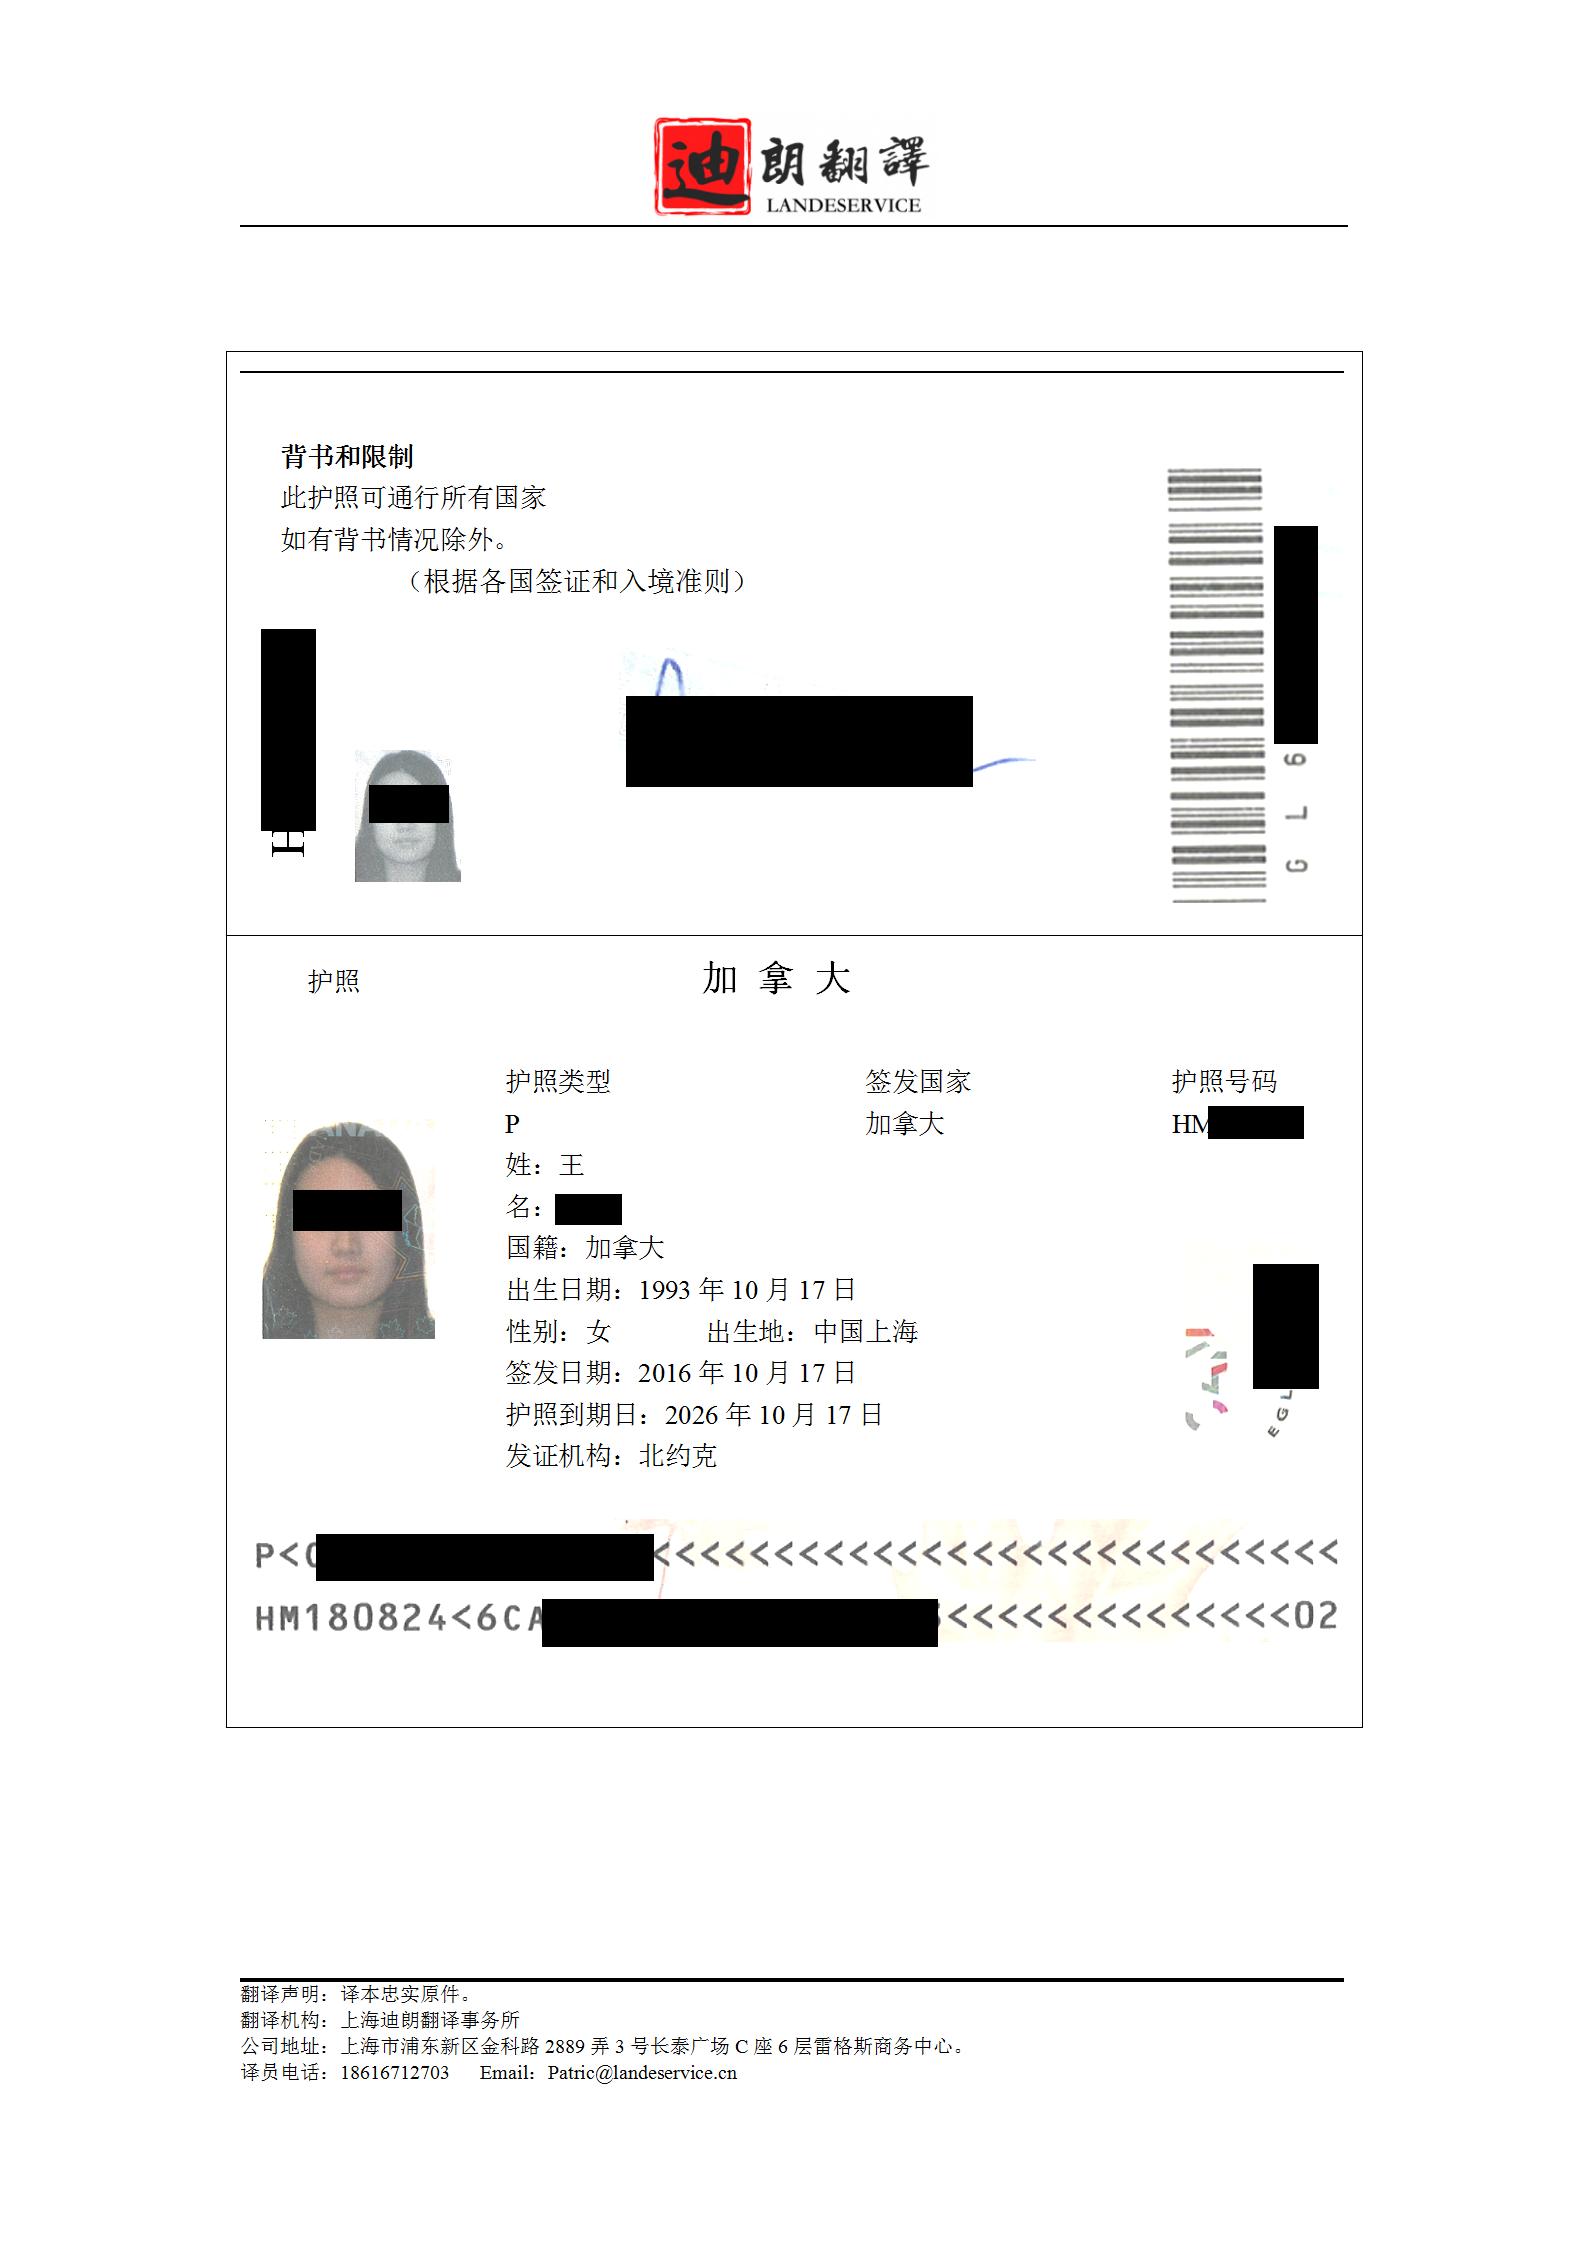 加拿大护照haitian 01 - 加拿大护照翻译认证盖章